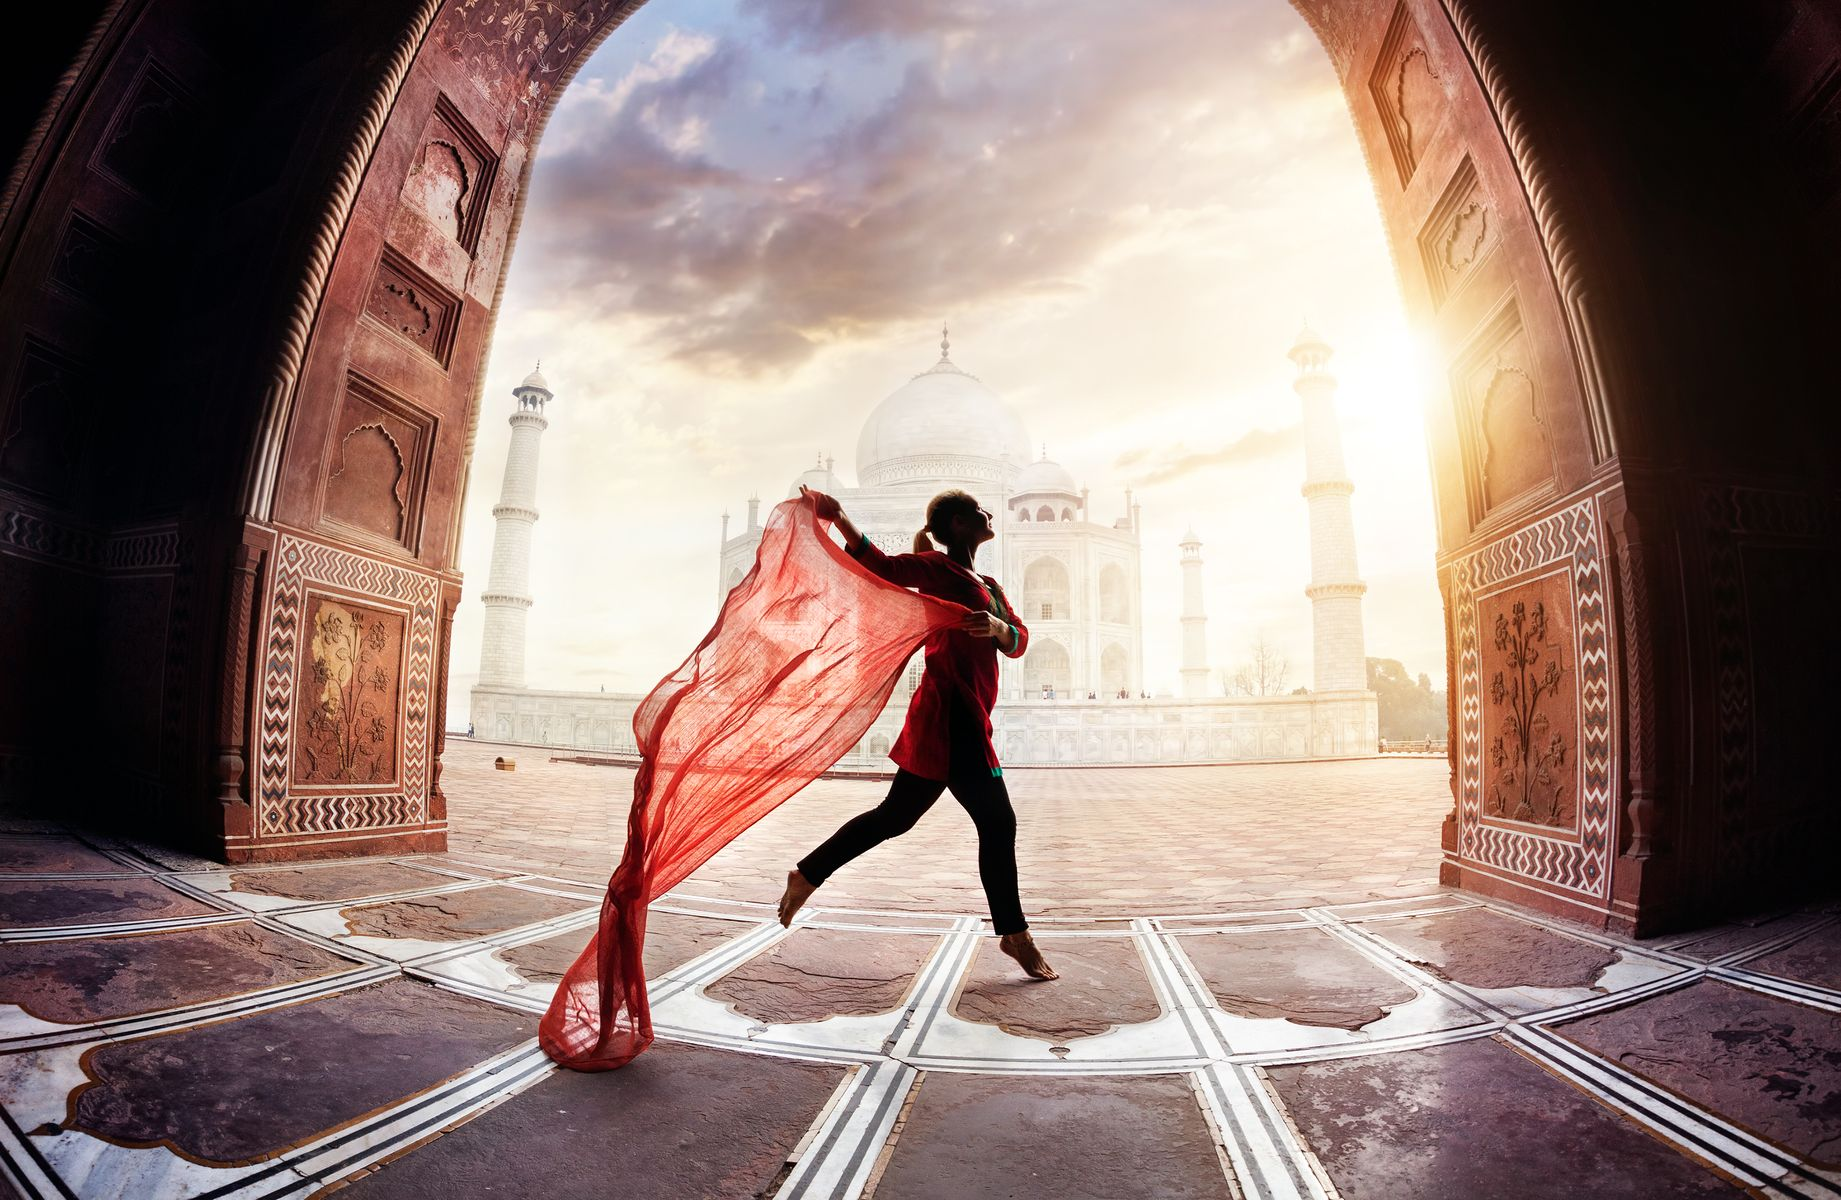 Mujer con bufanda roja bailando cerca del Taj Mahal en Agra, Uttar Pradesh, India